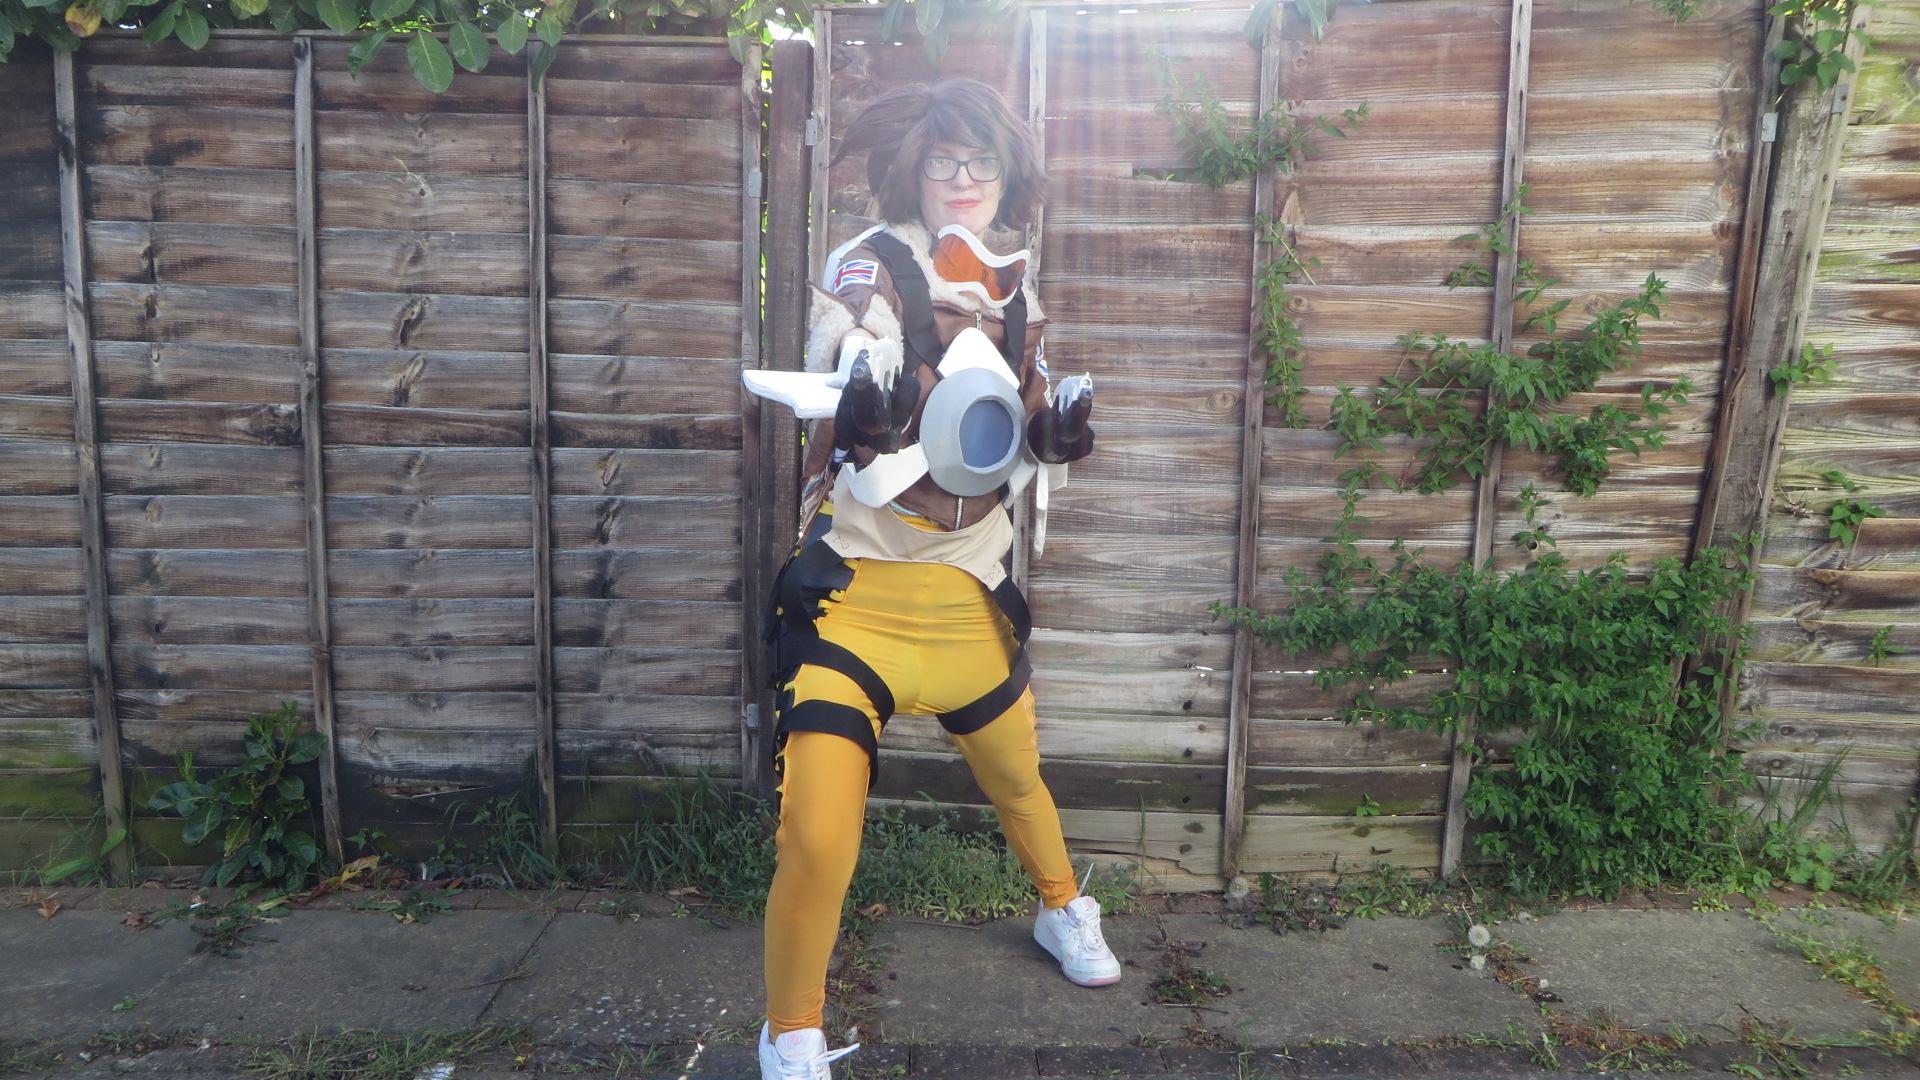 Siêu phẩm cosplay Tracer anh hùng của sát thương - Hình 3